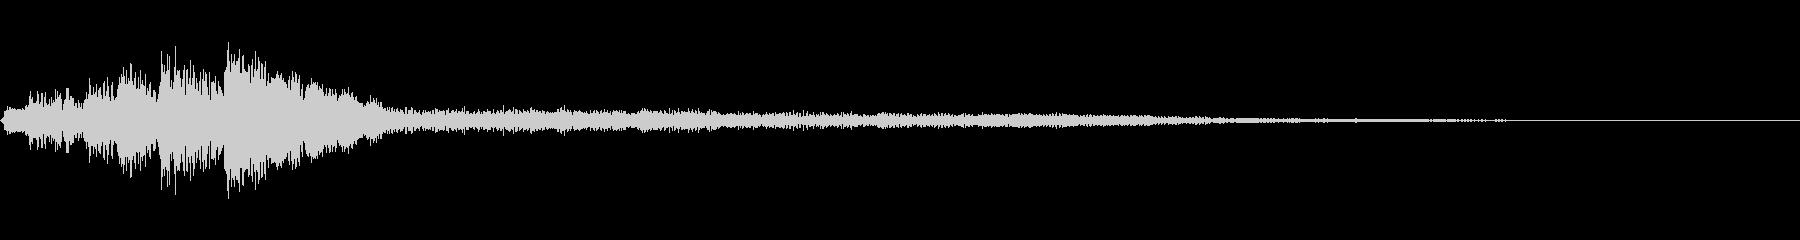 ローファイ・ドキュメンタル風ピアノgの未再生の波形